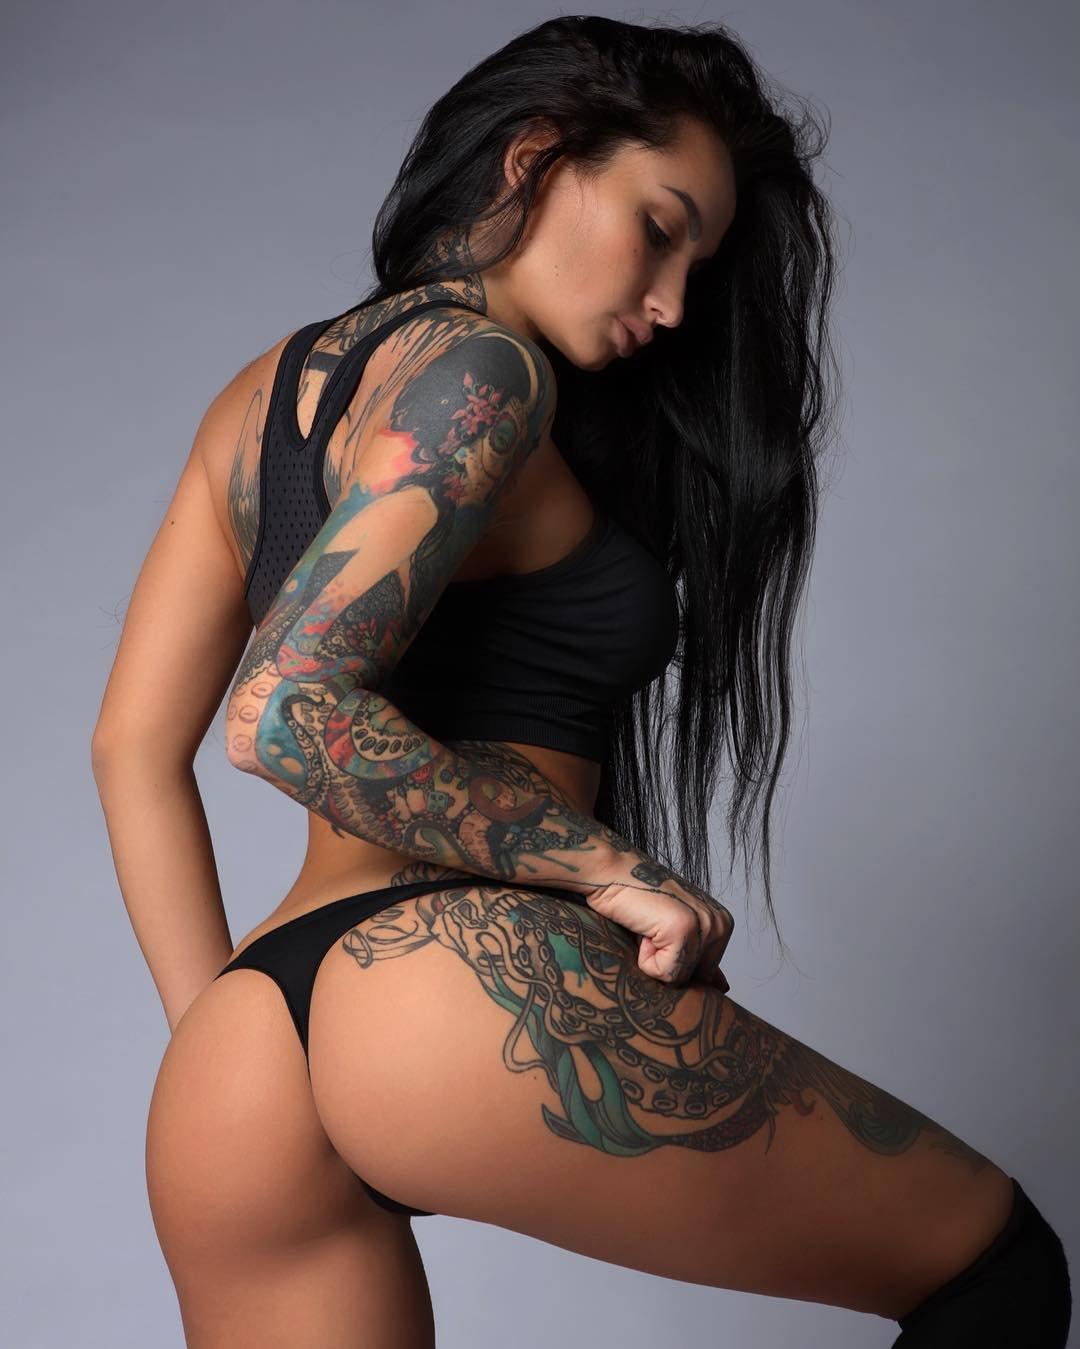 Nude girl tattoo designs — img 13